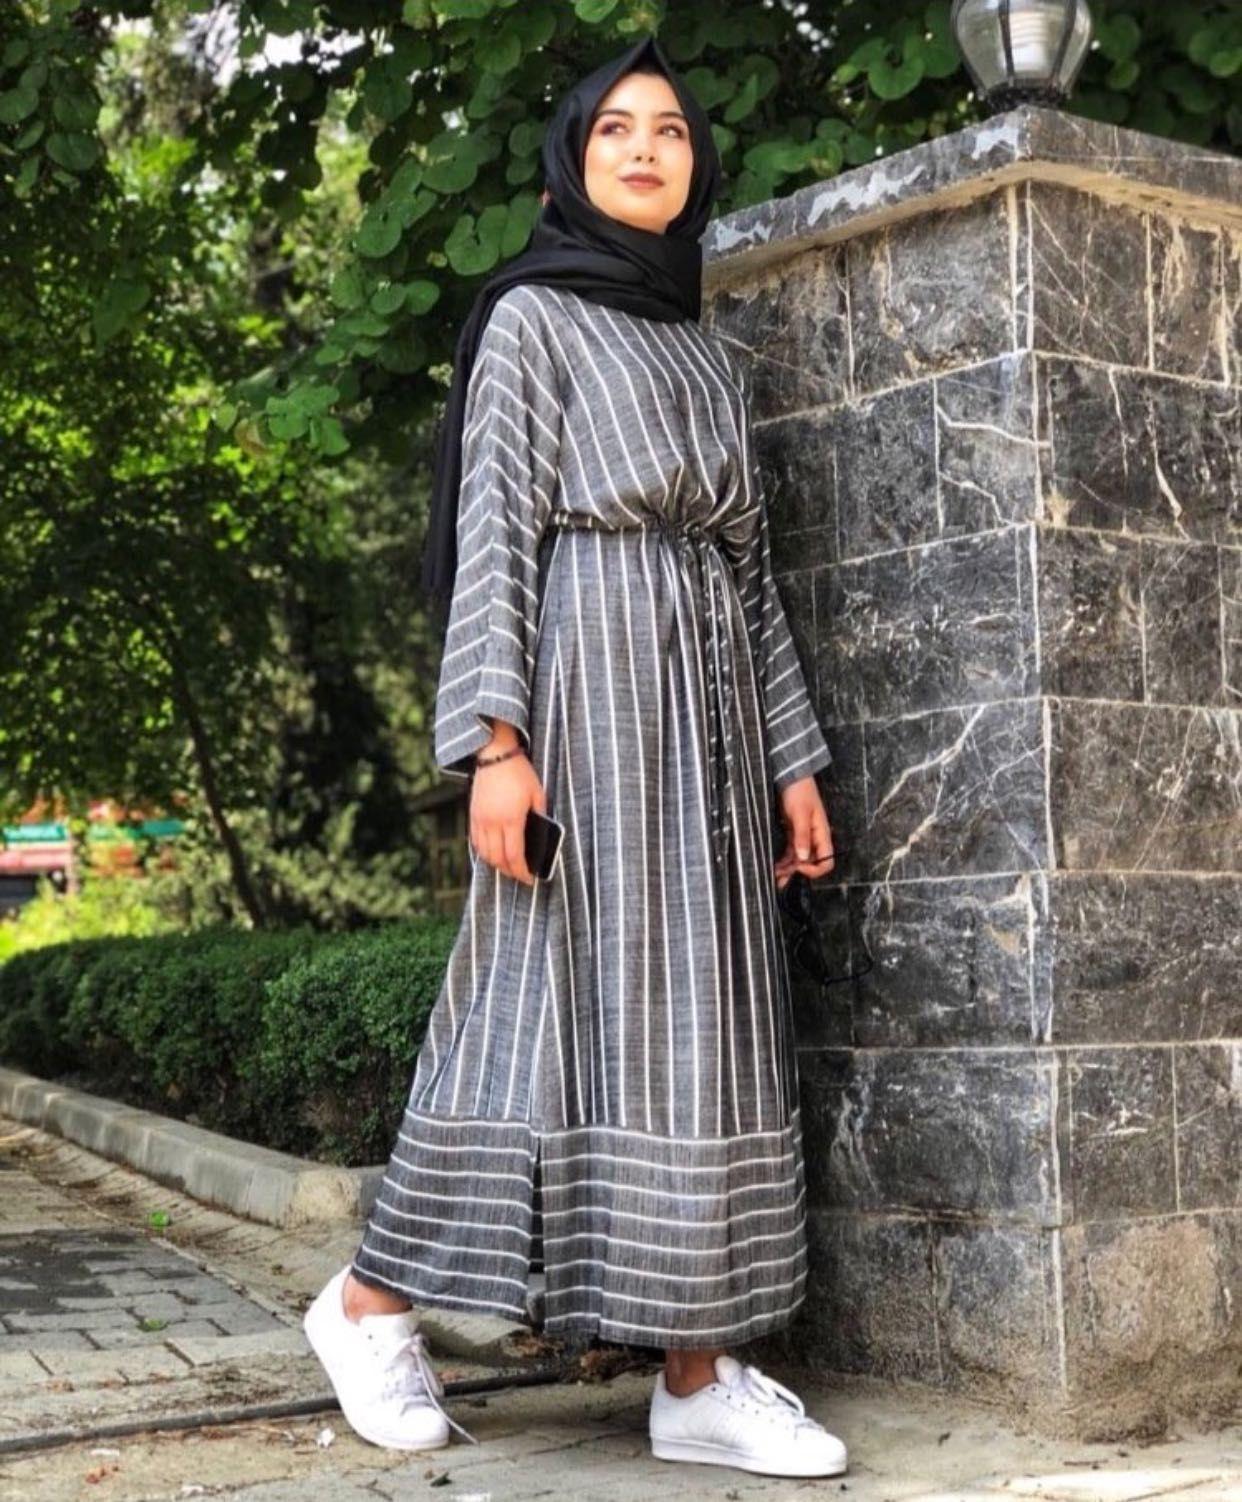 Cizgili Tesettur Salas Elbise Modelleri Elbise Islami Giyim Elbise Modelleri